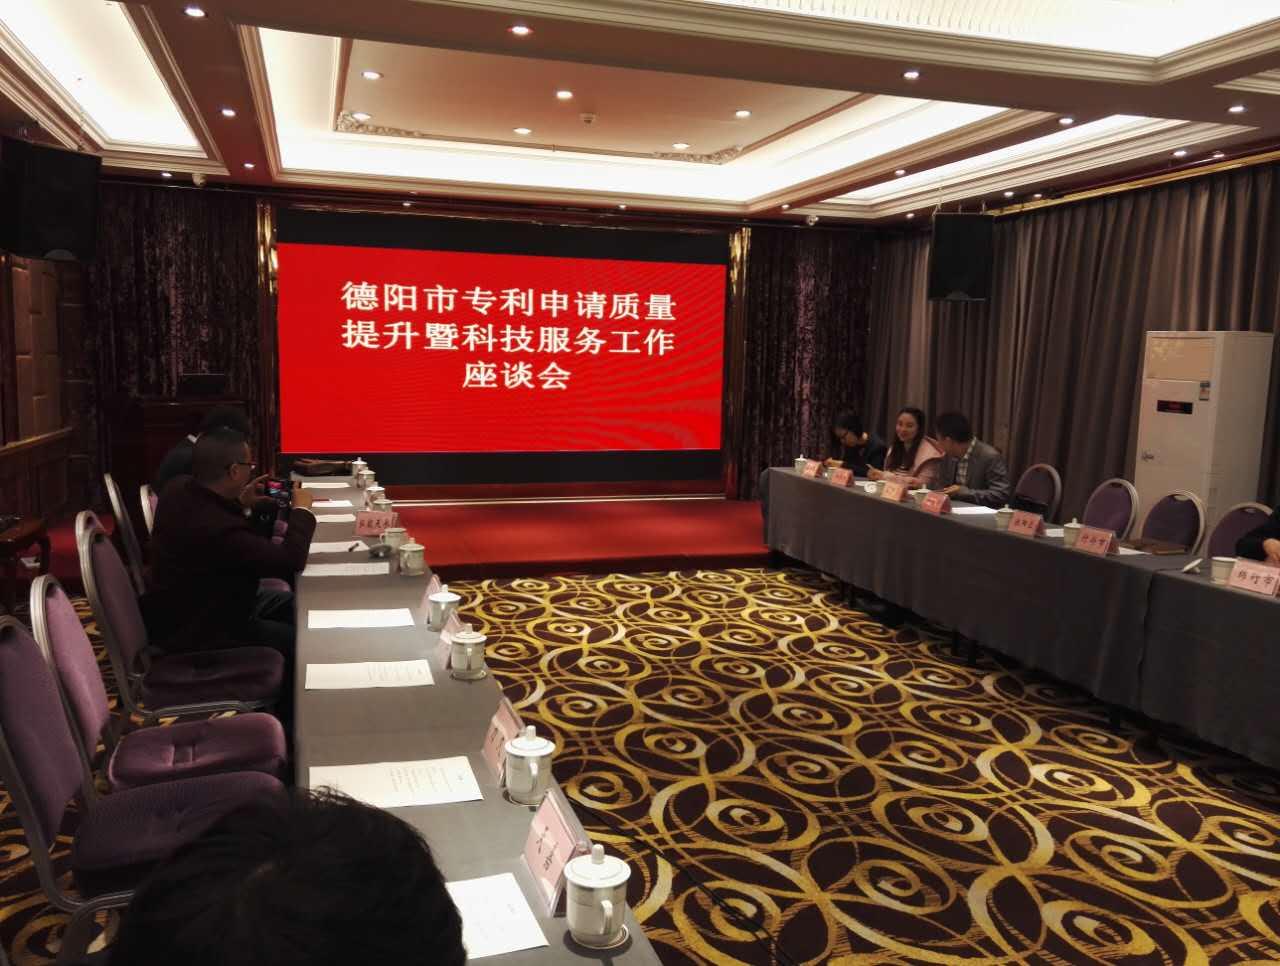 德阳市专利申请质量提升暨科技服务工作座谈会今日举行